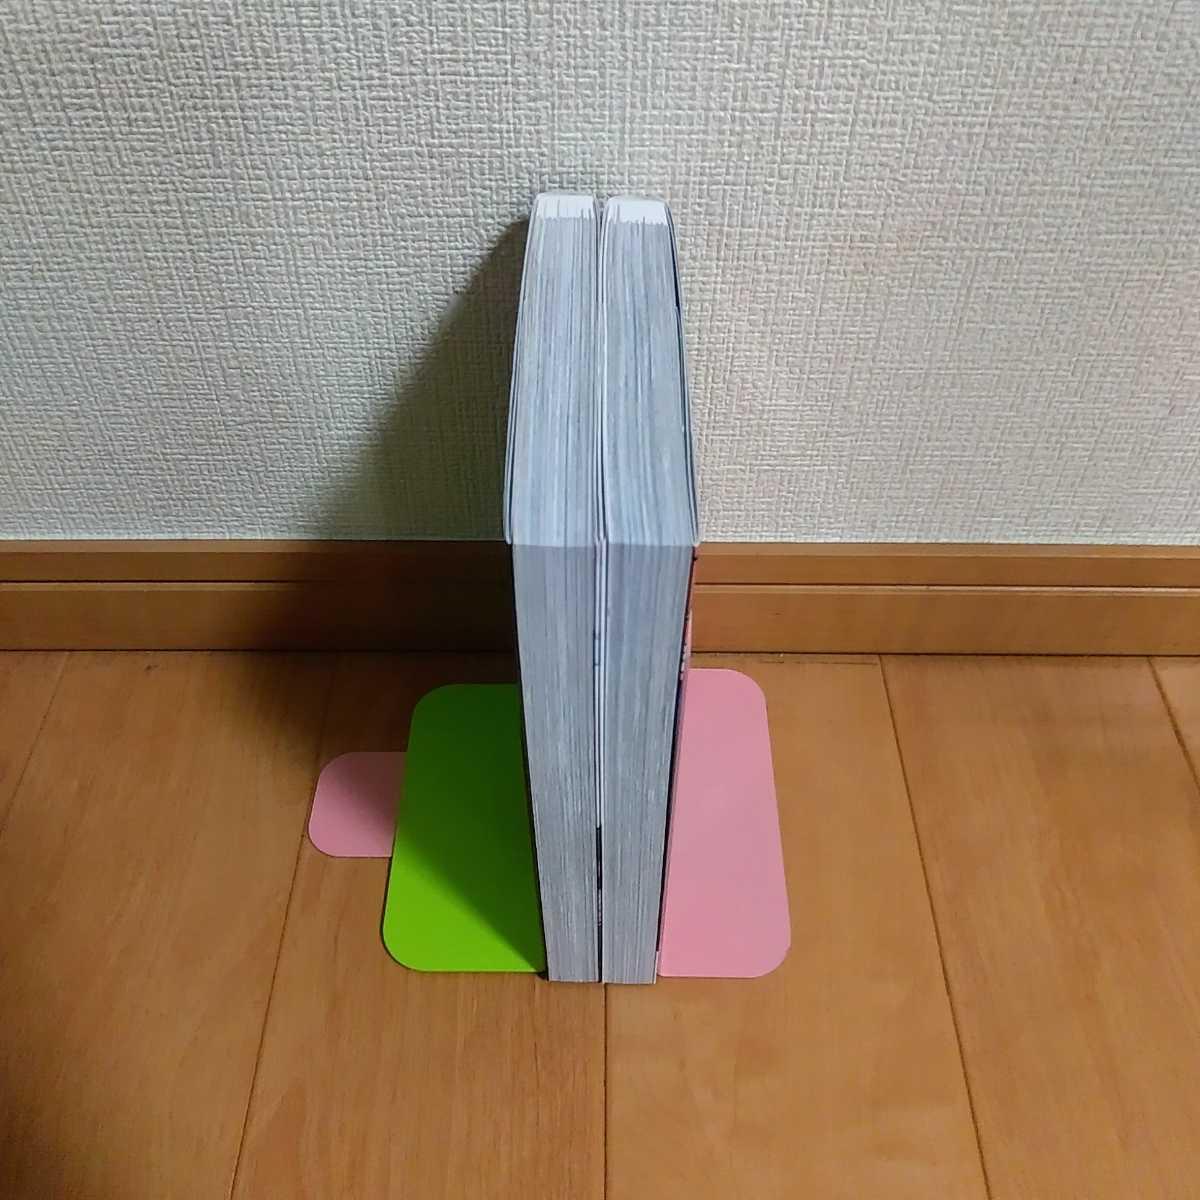 進撃の巨人 悔いなき選択 フルカラー完全版 全巻 諫山創 駿河ヒカル